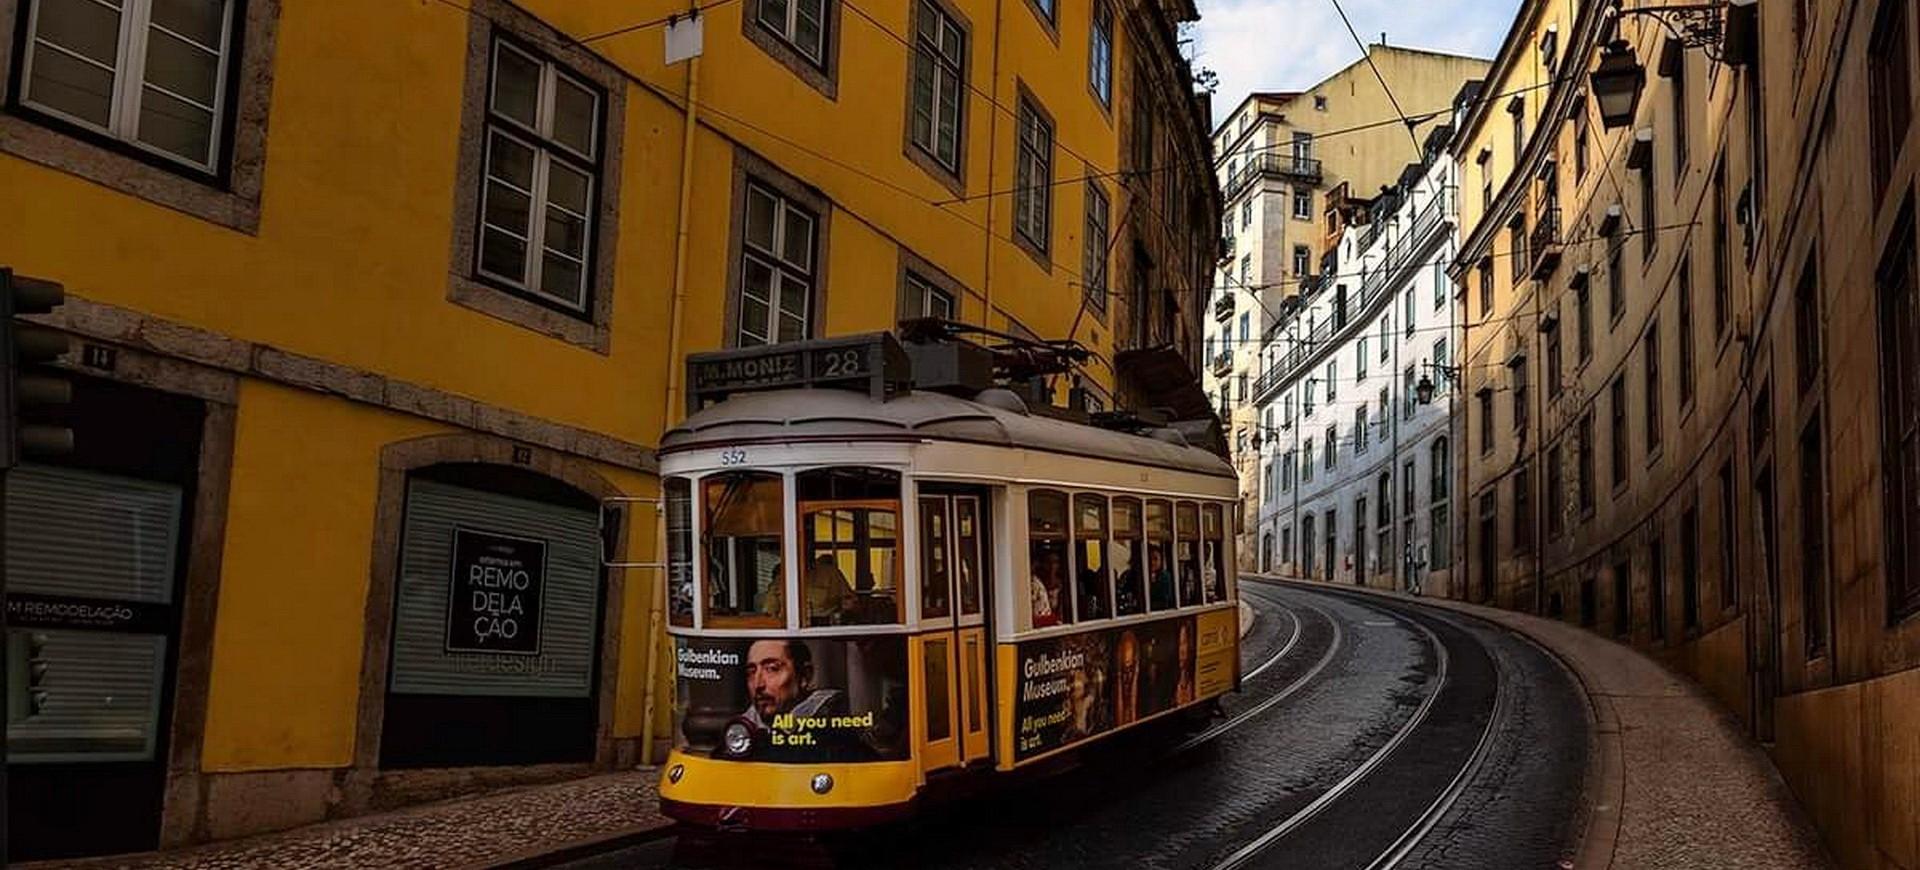 Trame à Lisbonne